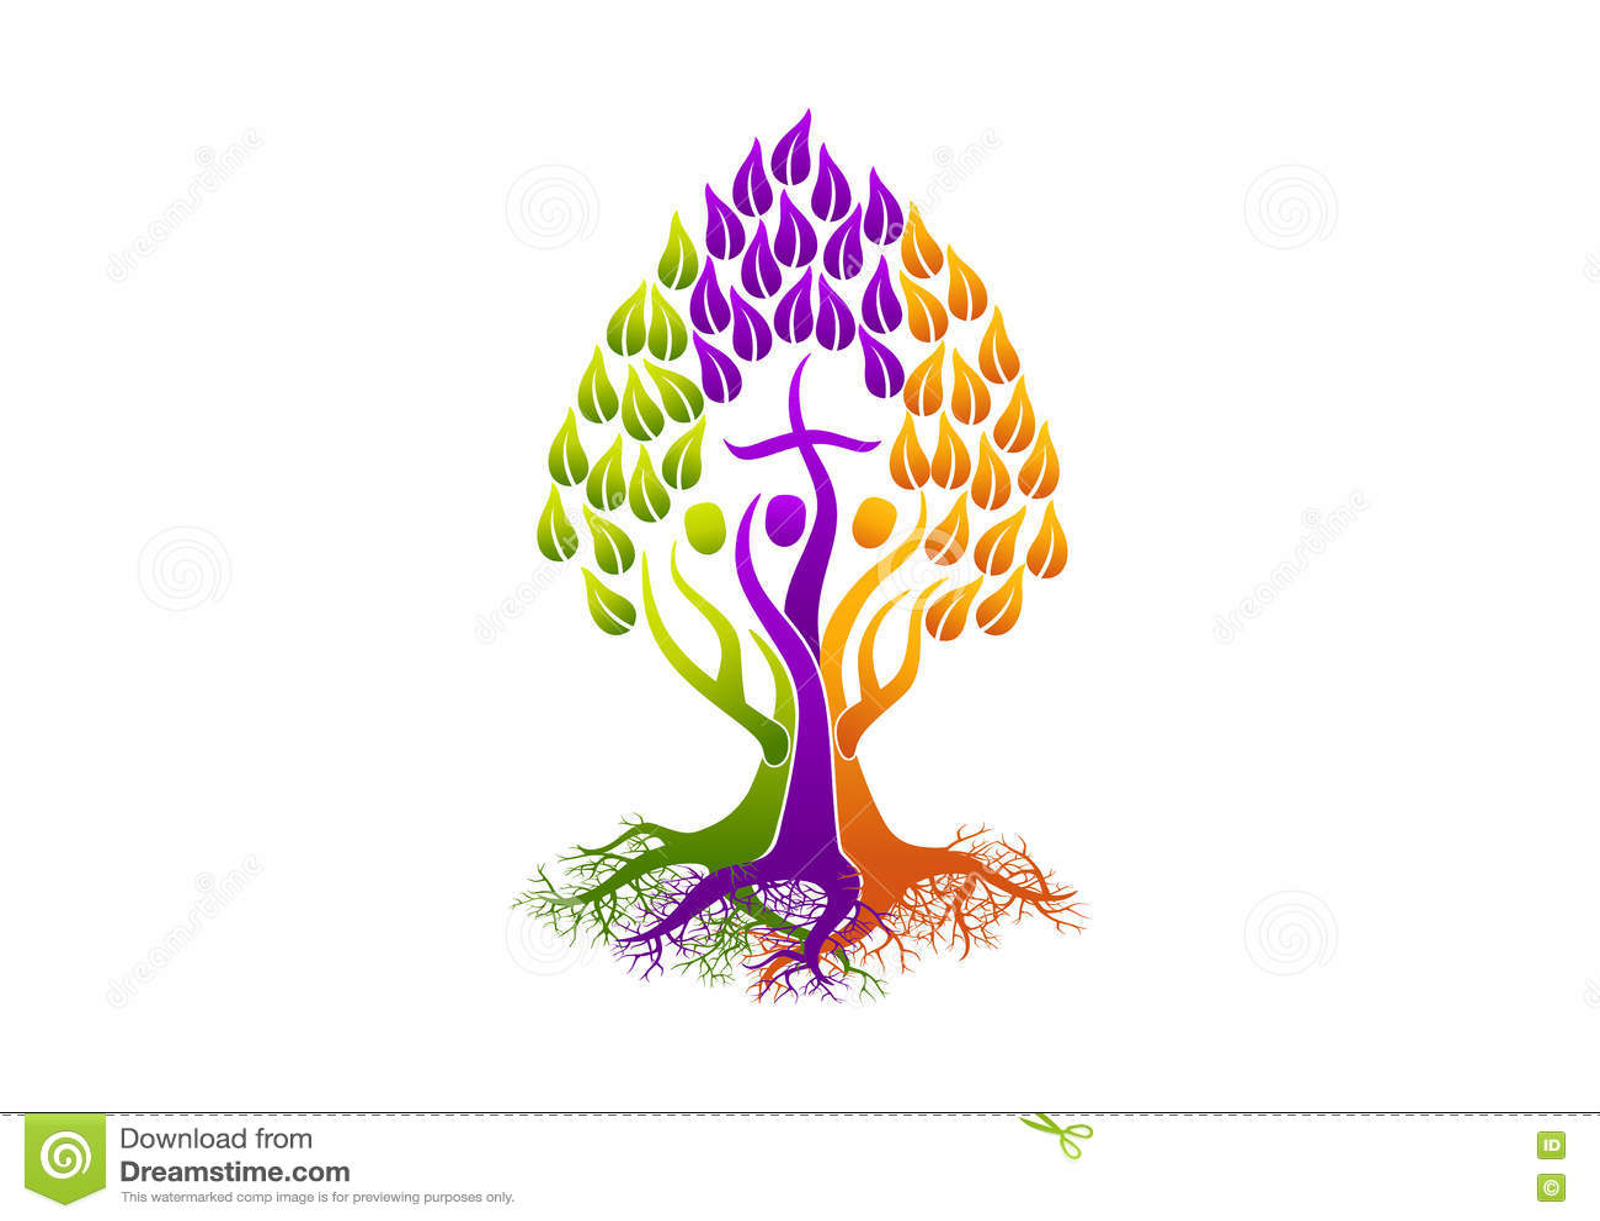 Logotipo cristiano de la gente, árbol del Espíritu Santo del icono de la raíz, diseño del símbolo del vector de la iglesia de la